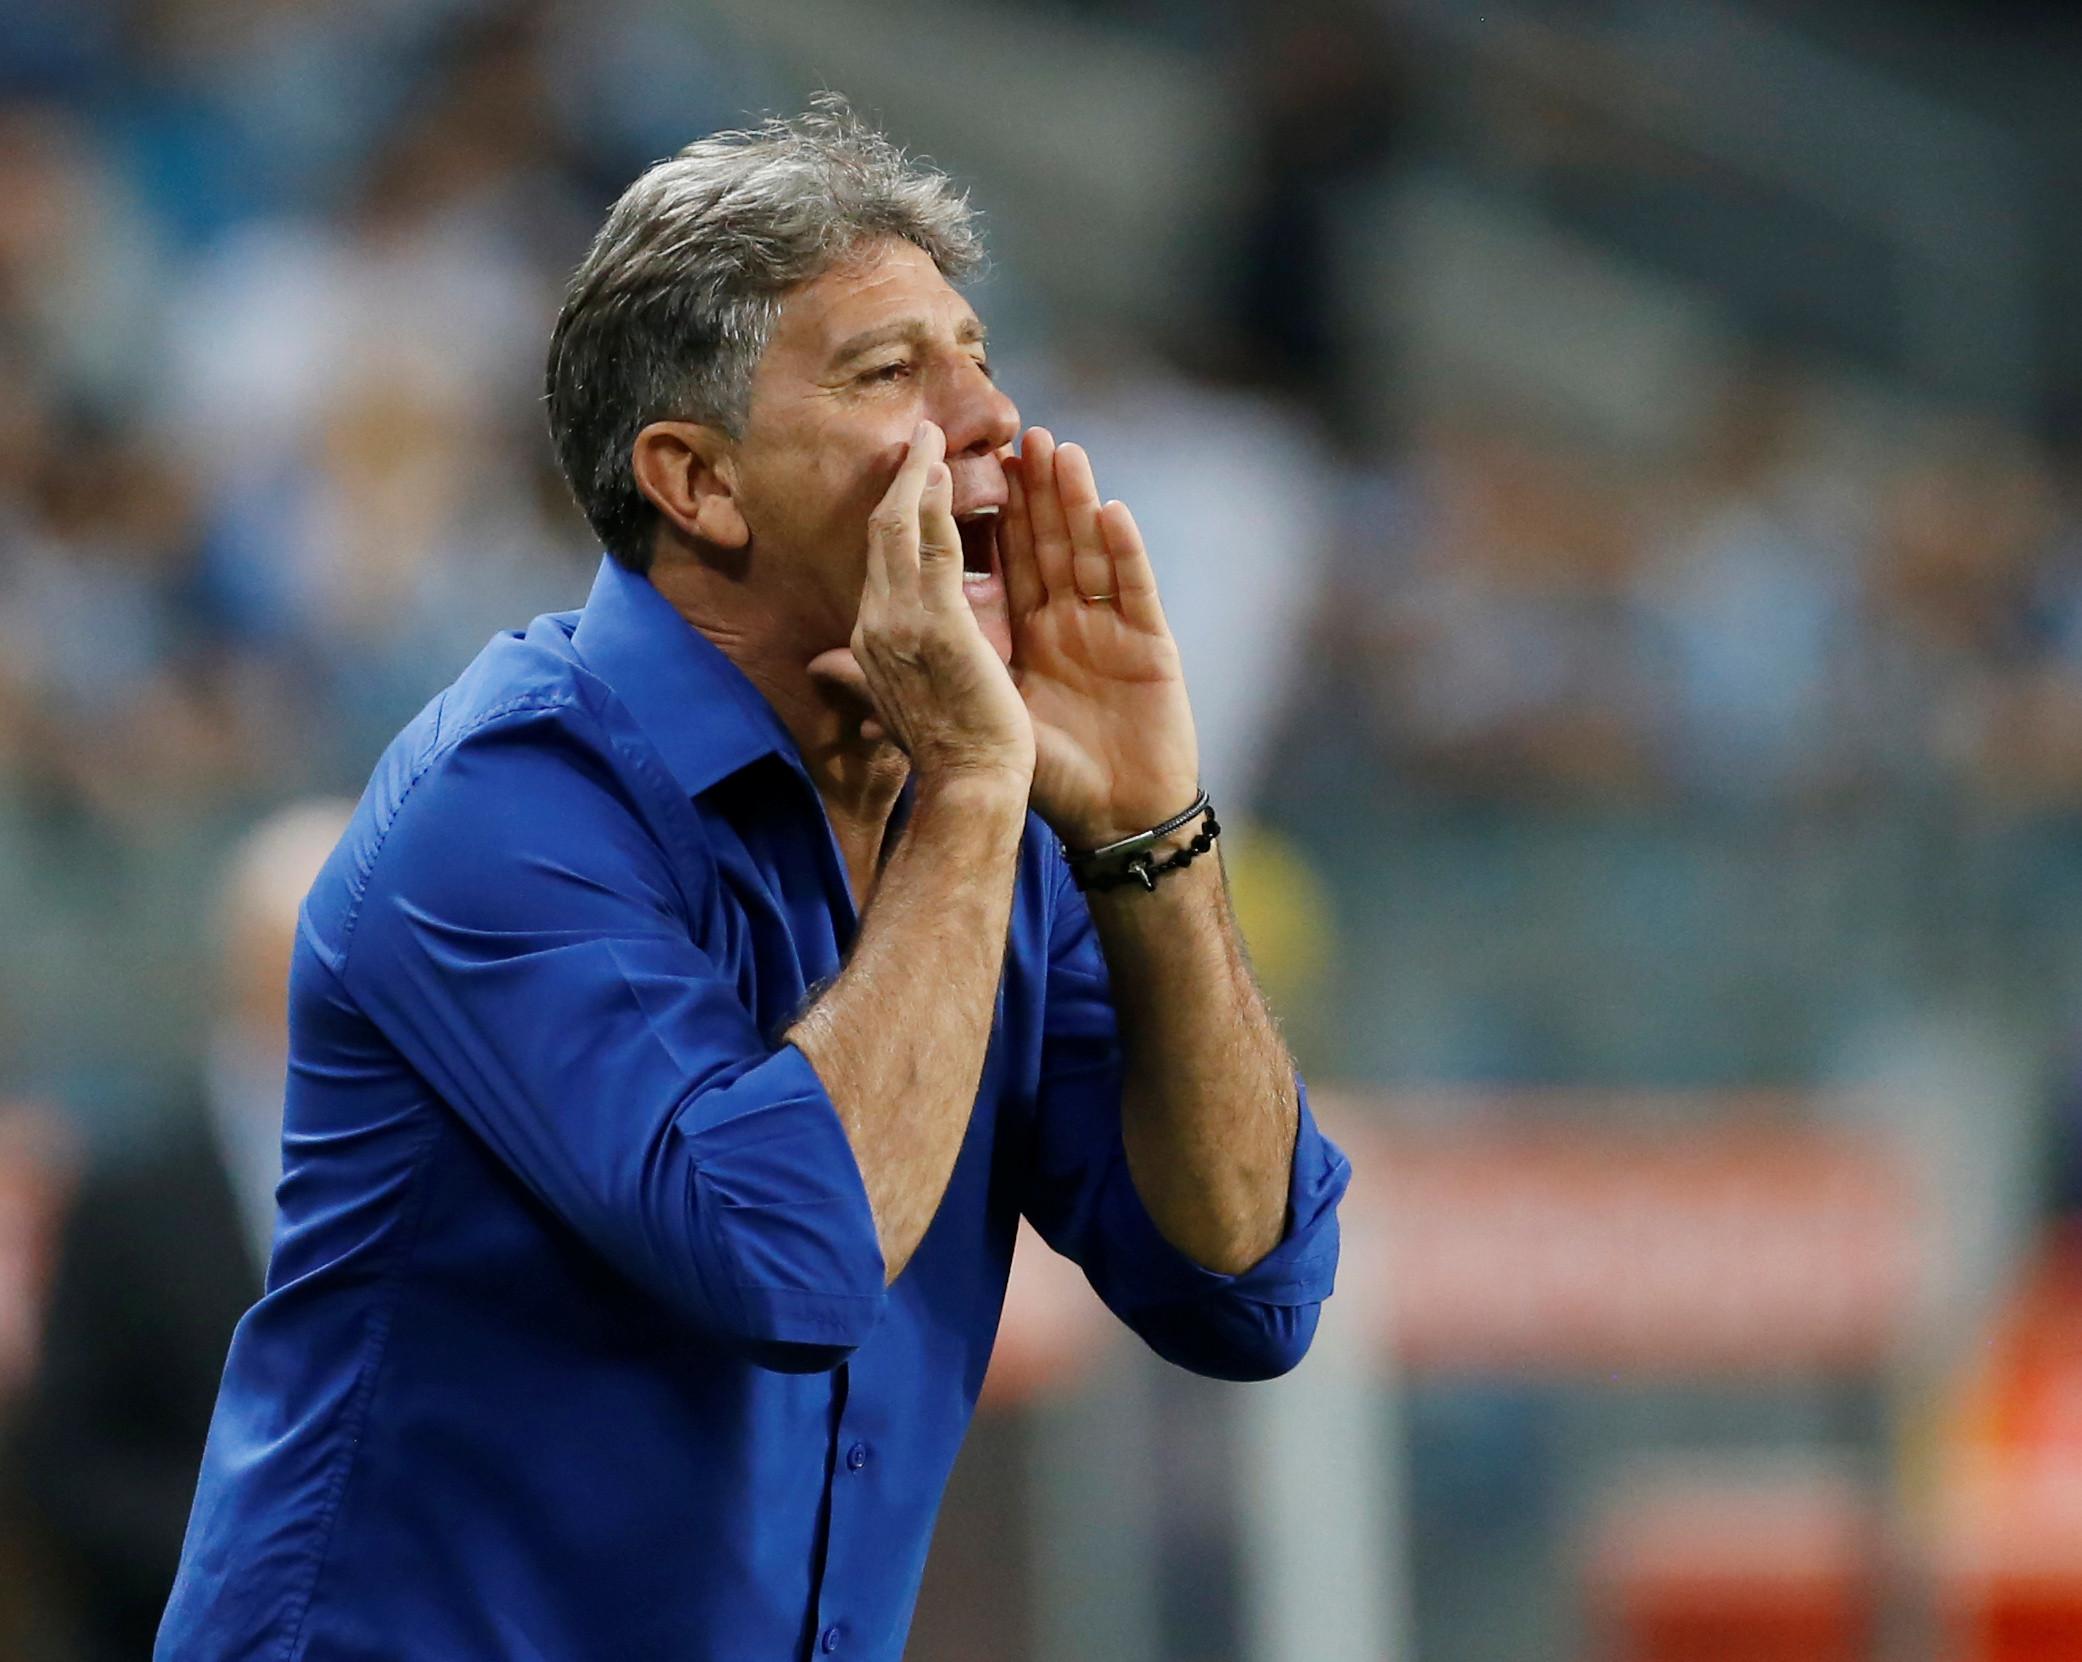 Grêmio faz a primeira de duas batalhas decisivas na Libertadores